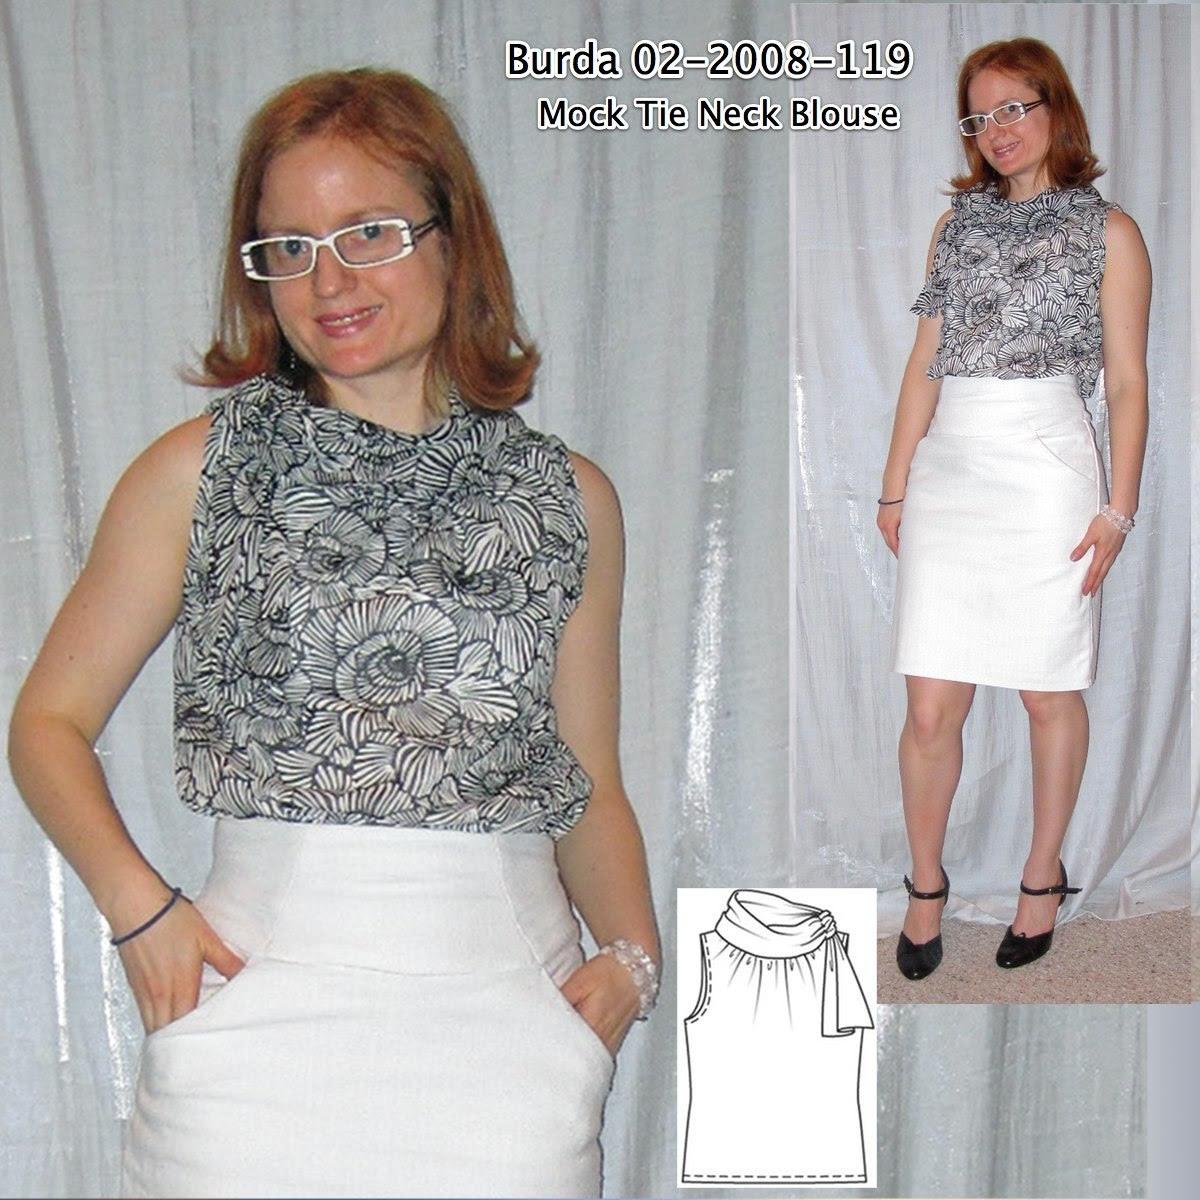 Burda 02-2008-119 Thumbnail